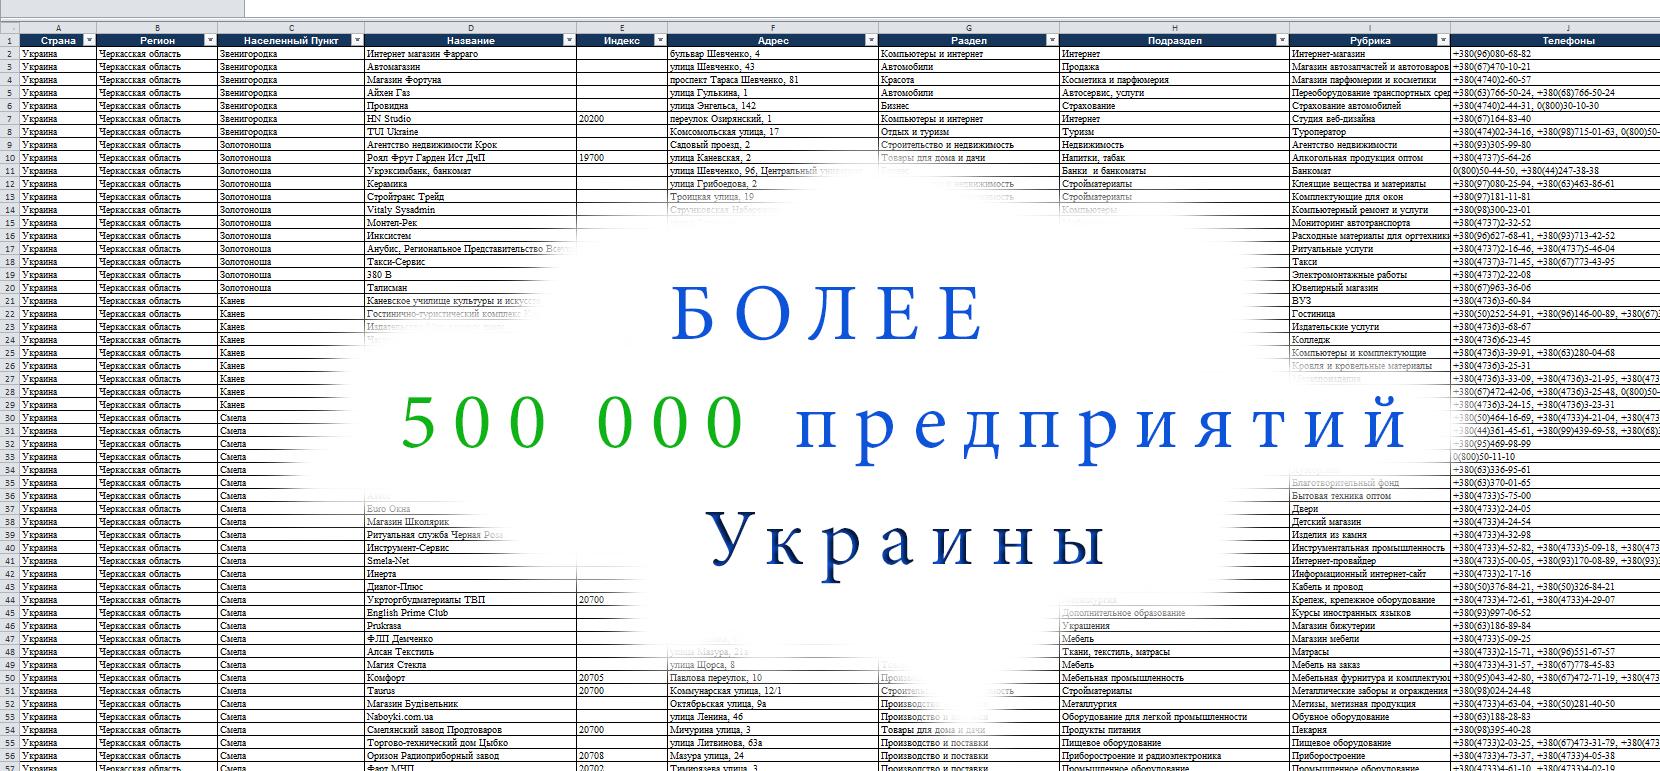 Крупная база компаний Украины! 500 000 компаний! Справочник предприятий Украины 2015